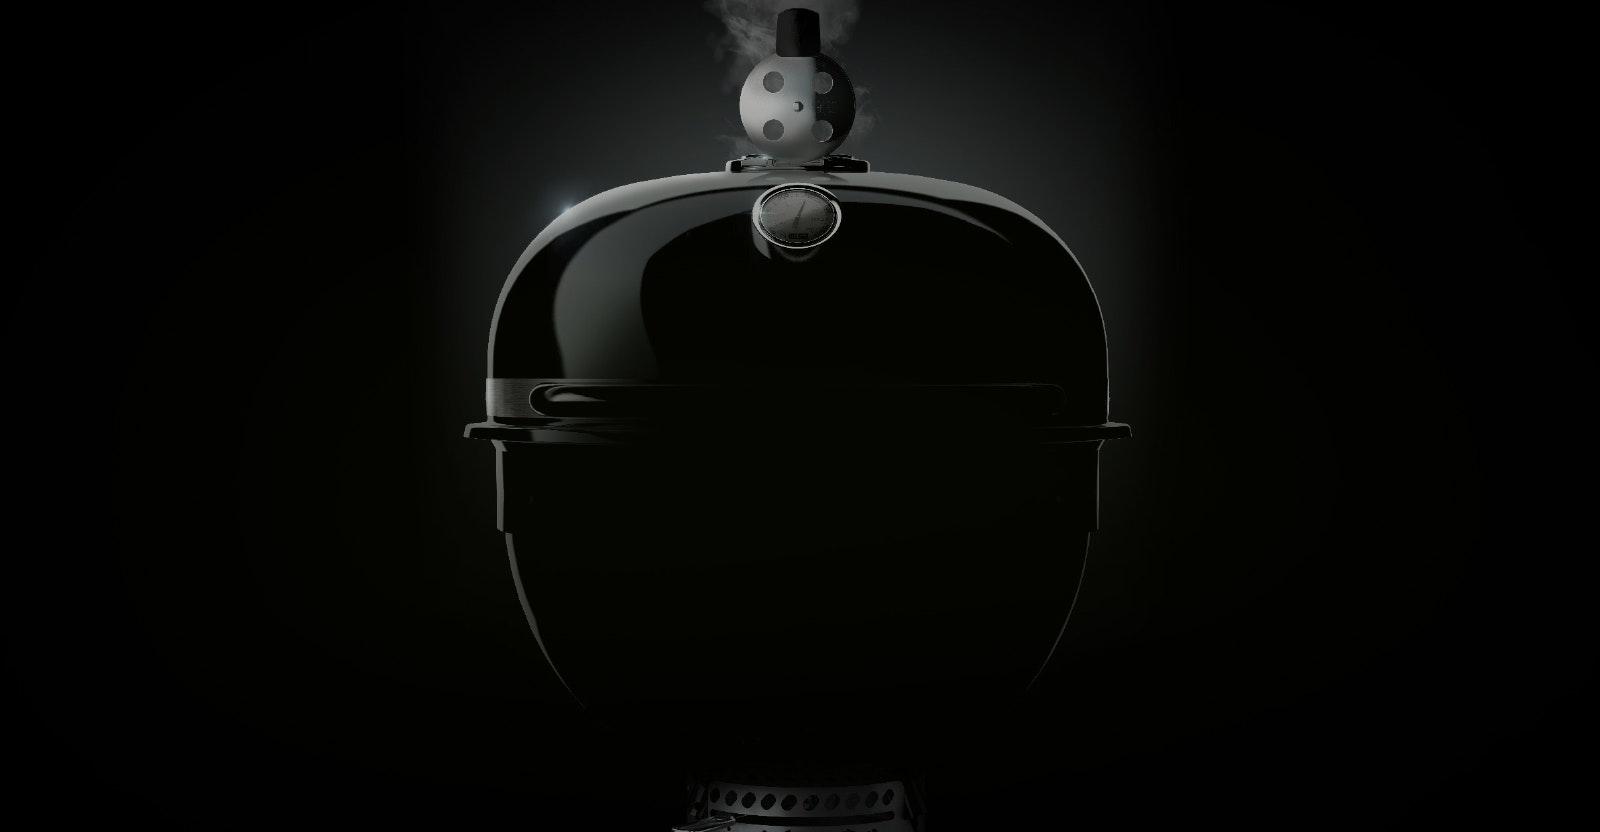 Un tout nouvel univers du barbecue